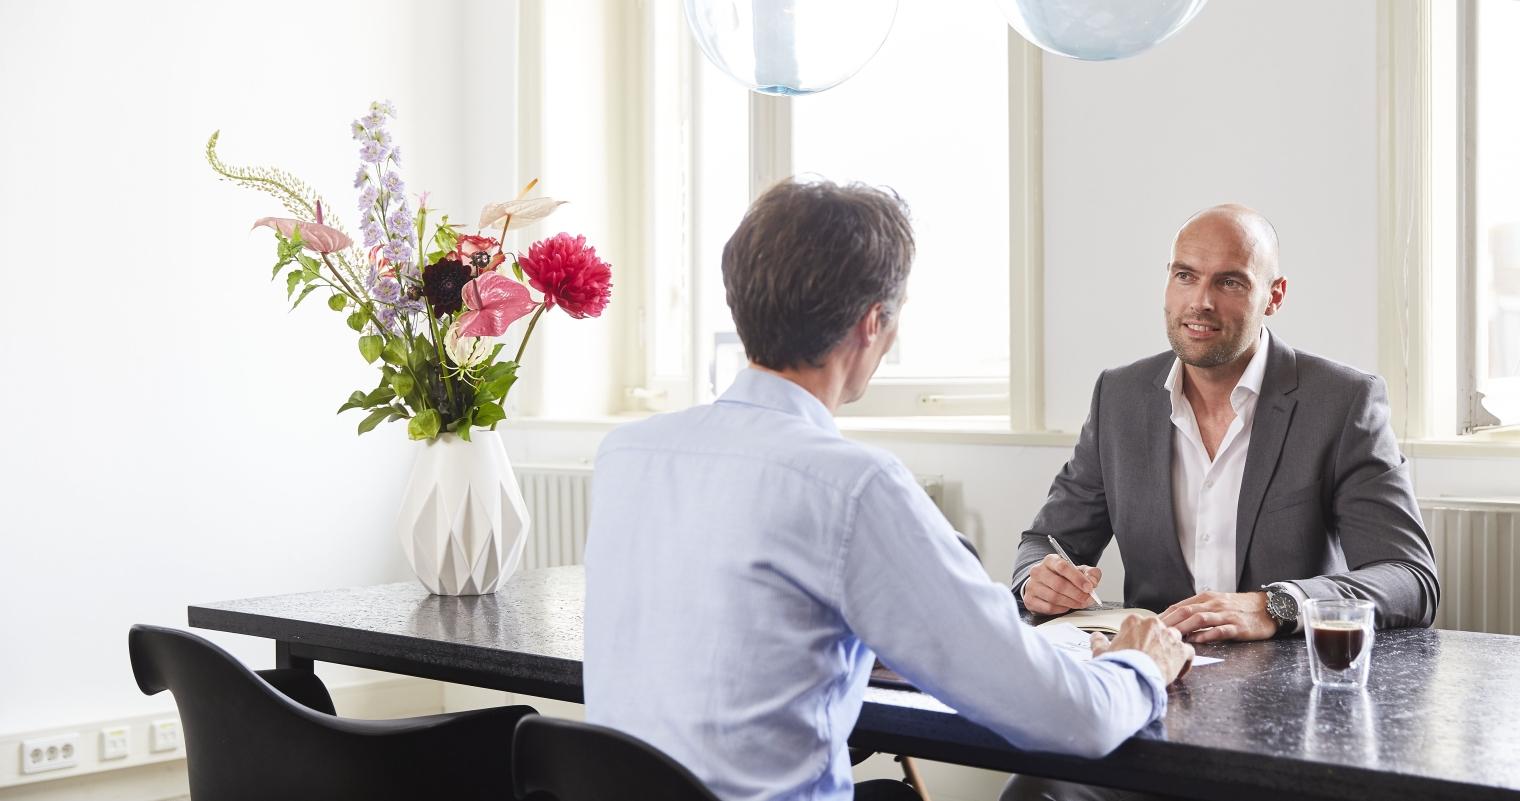 Vier stappen om een succesvol klantenonderzoek uit te voeren